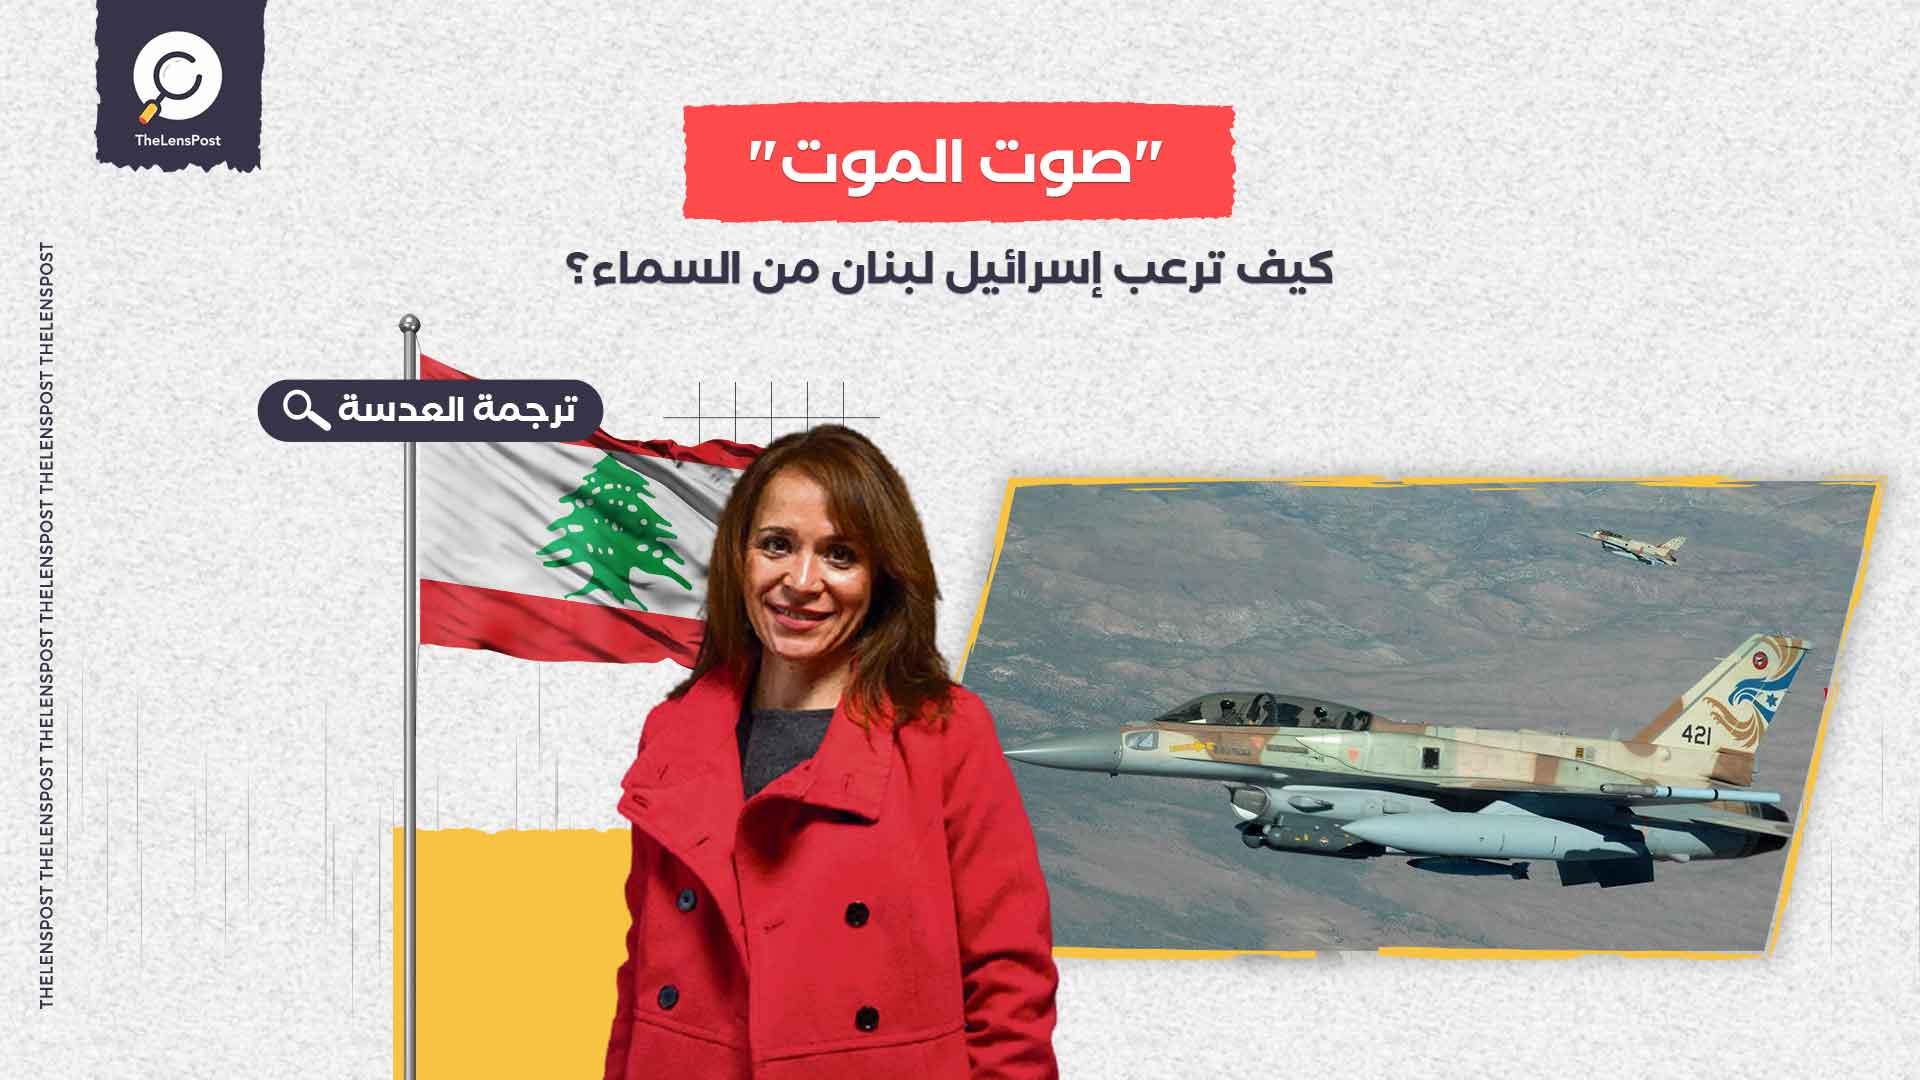 كيف ترعب إسرائيل لبنان من السماء؟